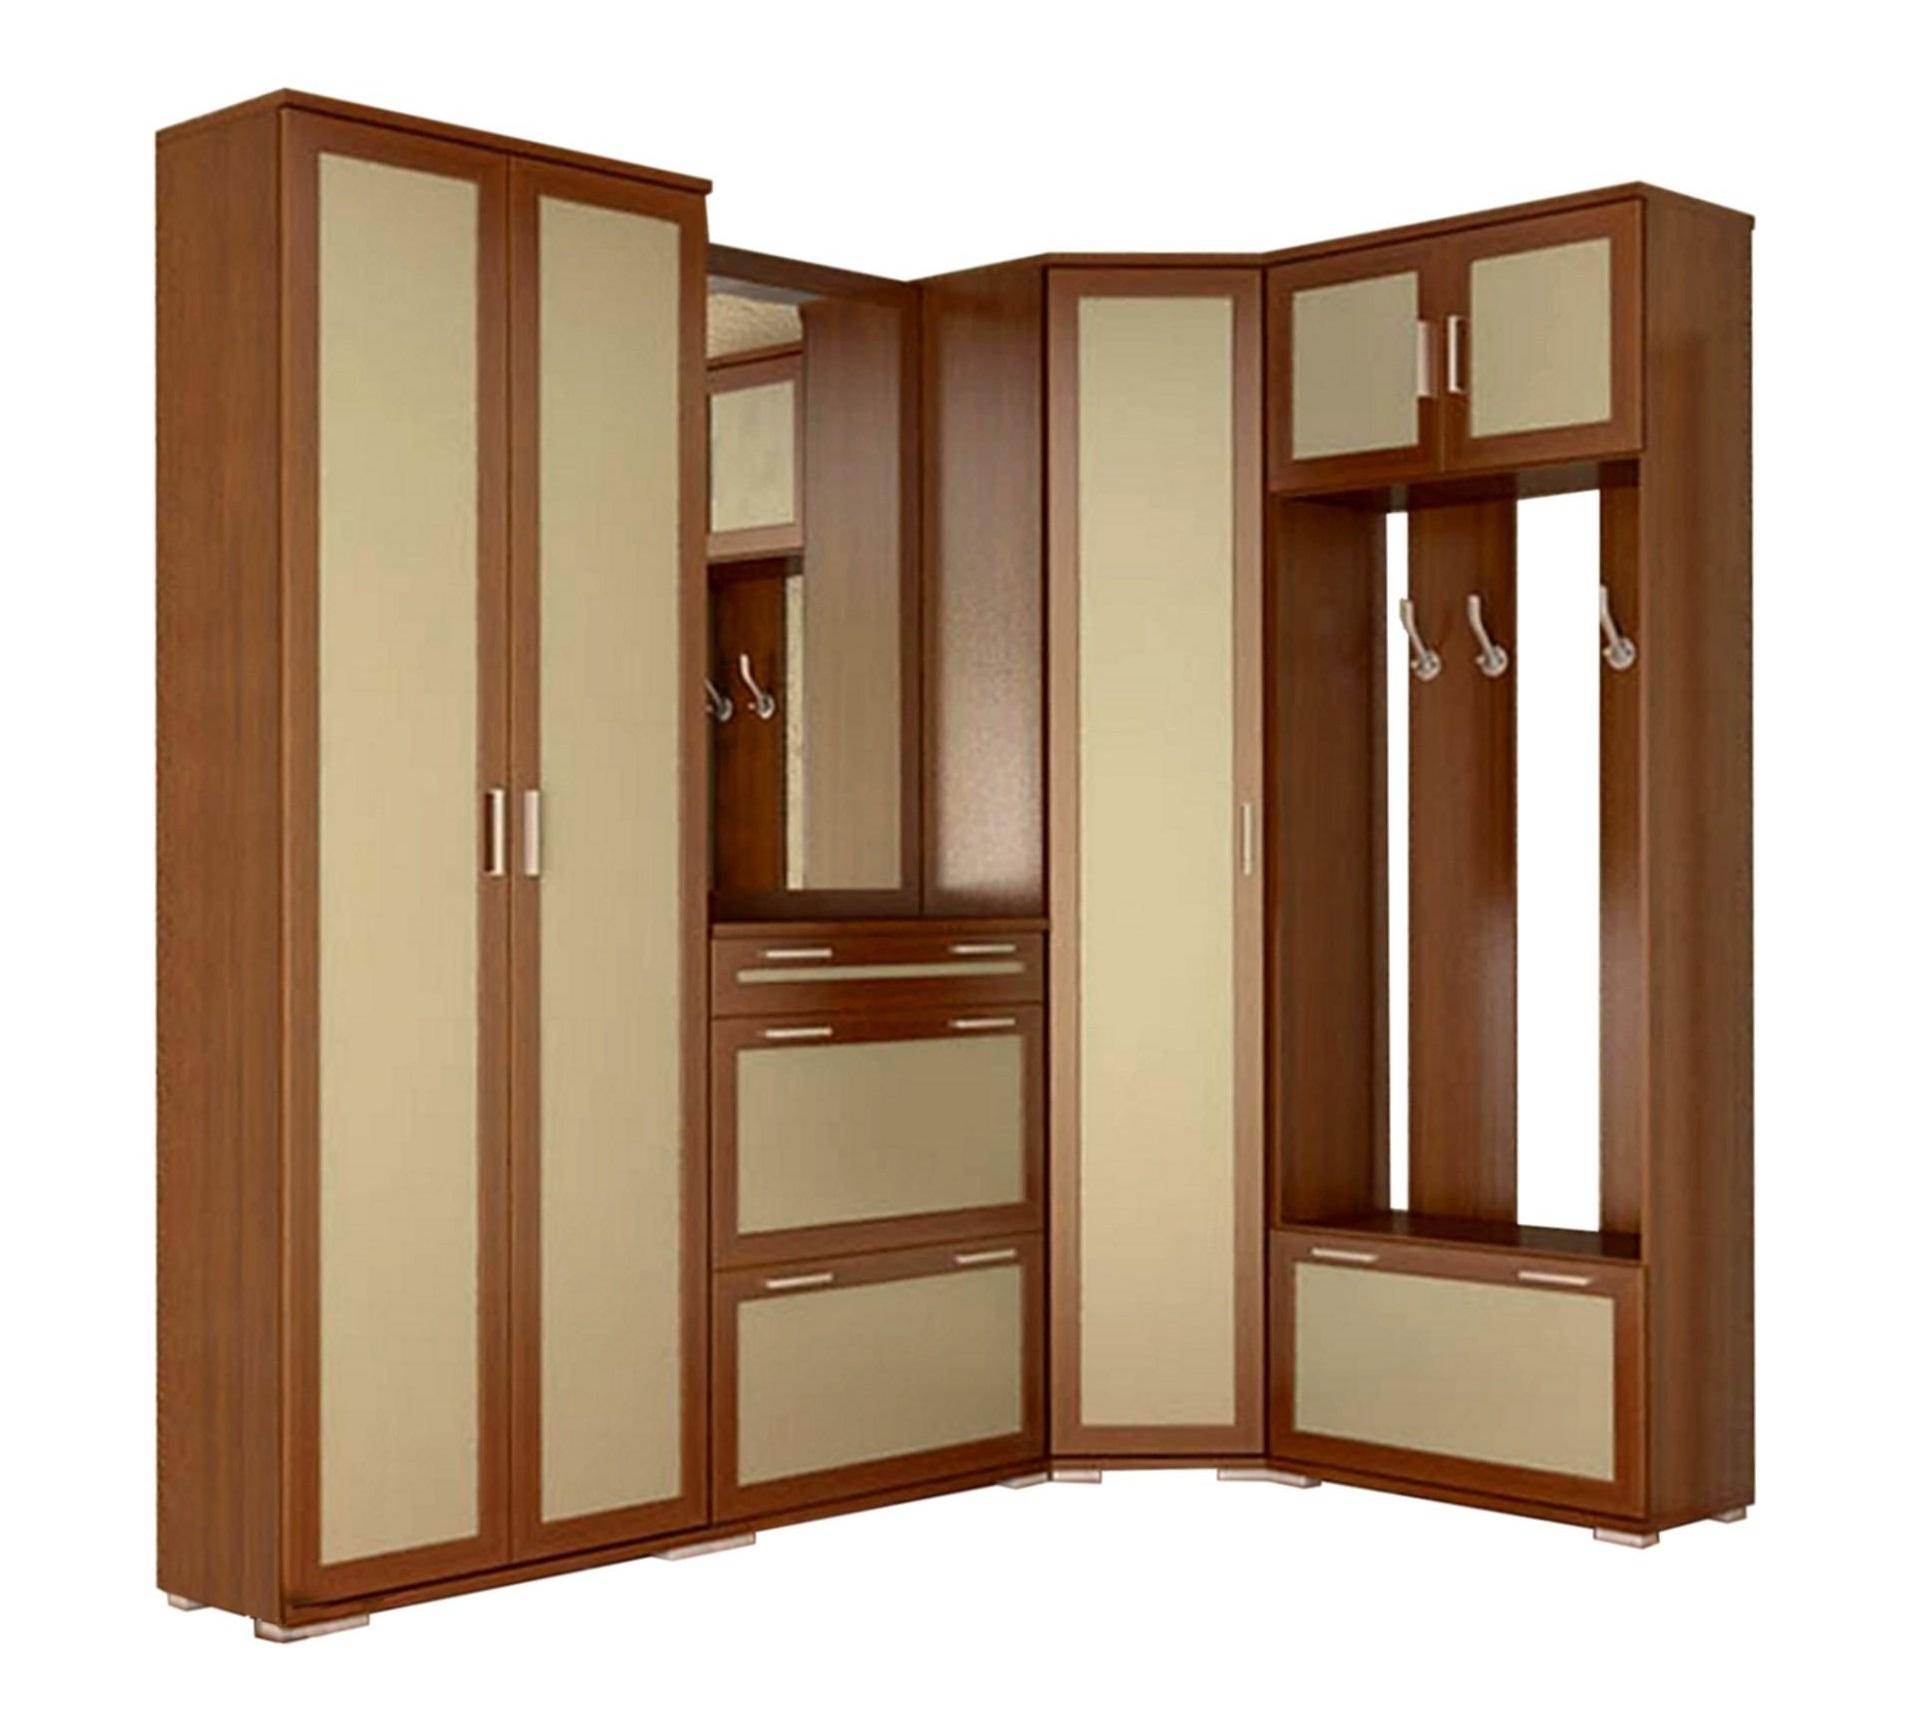 Прихожая лацио 9 на заказ, купить мебель по низким ценам в и.